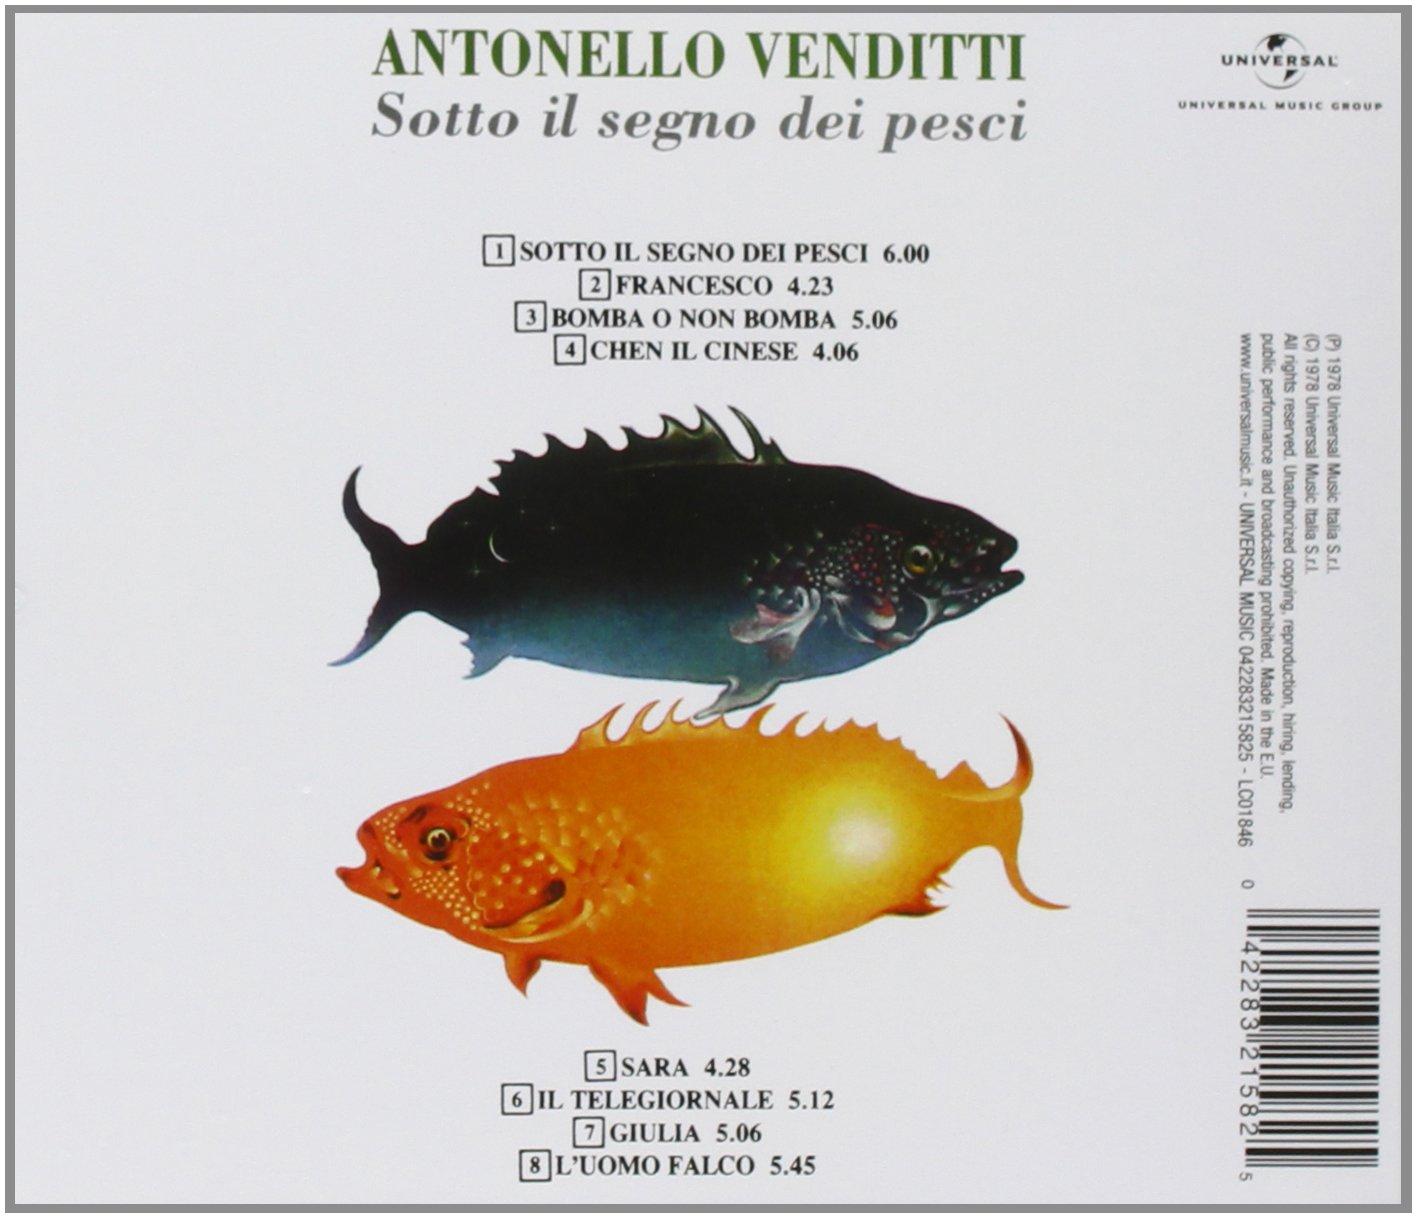 Risultati immagini per antonello venditti sotto il segno dei pesci in vinile